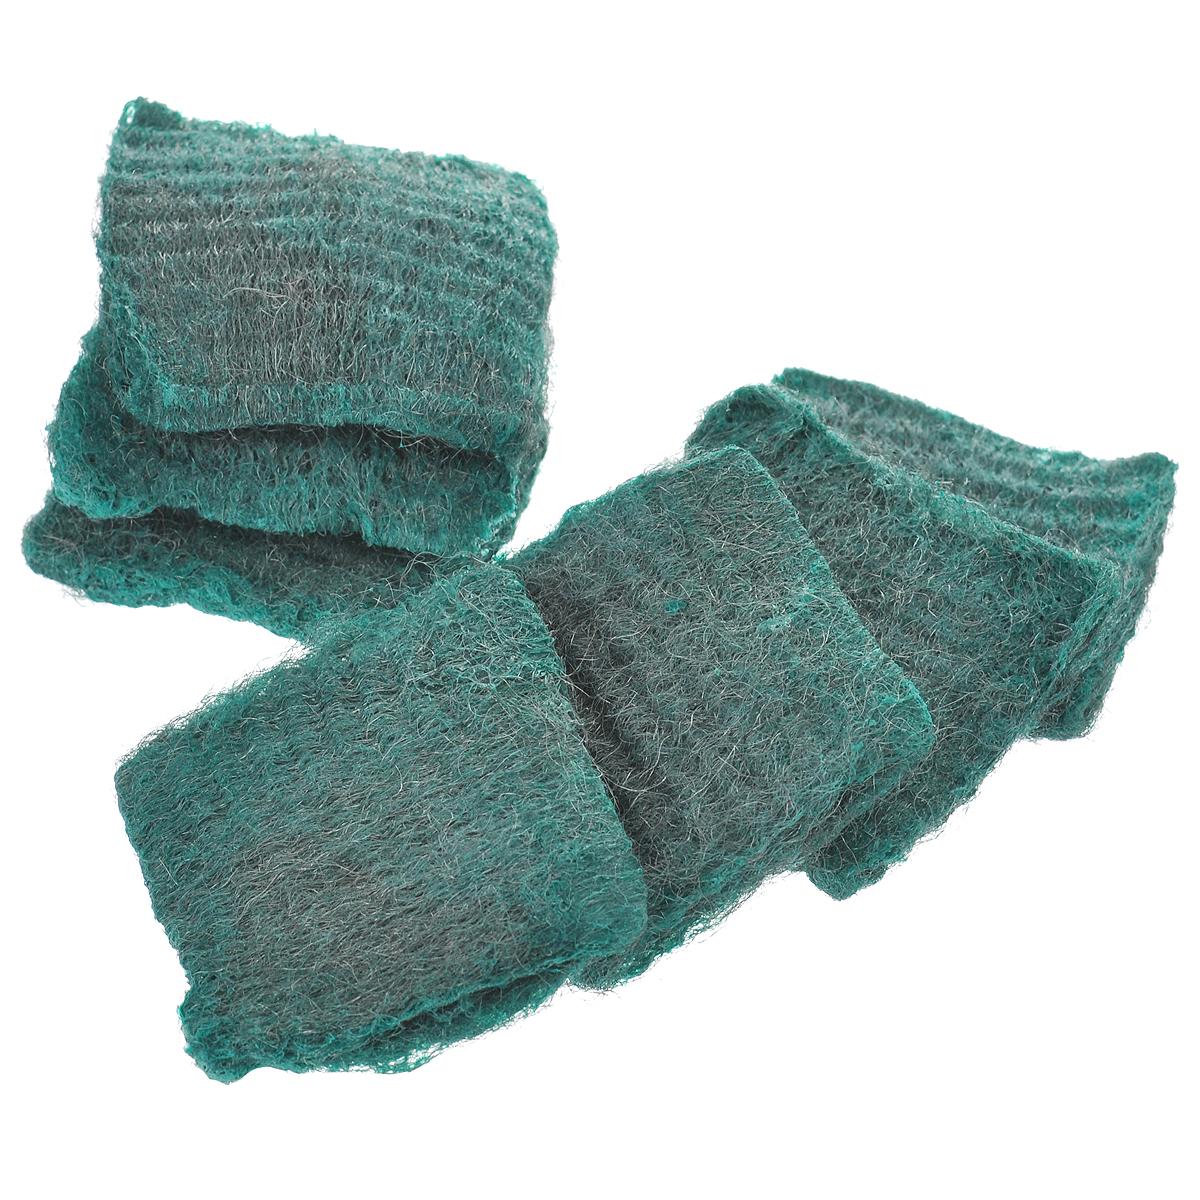 Губки с мылом Home Queen, цвет: зеленый, 7 шт42Губки с мылом Home Queen идеально очищают сложные загрязнения, такие как: ржавчина, известковый налет, пригоревший жир, накипь. В наборе - 7 губок, изготовленных из тончайшего стального волокна. Мыло содержит тензиды, растворяющие жир, и пальмовое масло, которое заботиться о ваших руках. Губки Home Queen - экологически чистый продукт. Его чистящие и моющие компоненты разлагаются биологическим путем. Размер губки: 6 см х 6 см х 1,5 см. Количество губок: 7 шт.